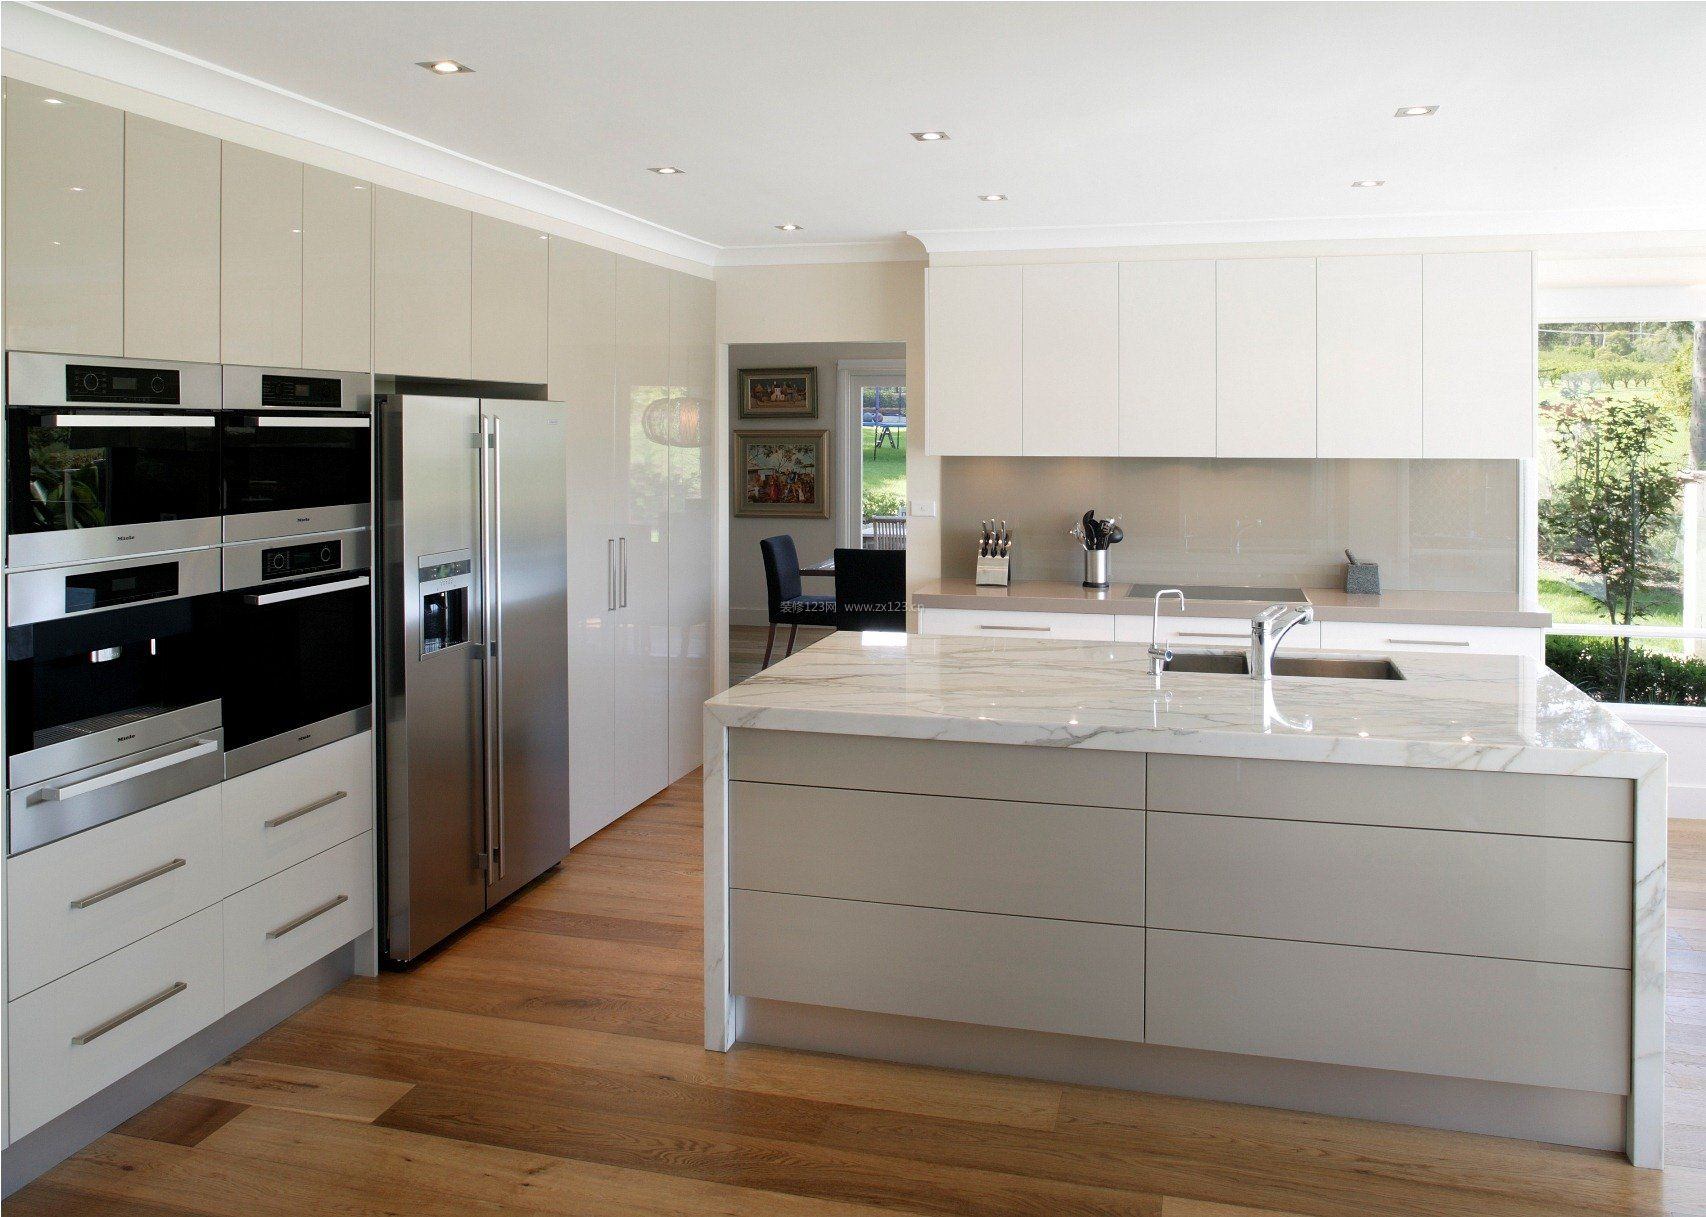 现代风格别墅厨房整体橱柜装修效果图